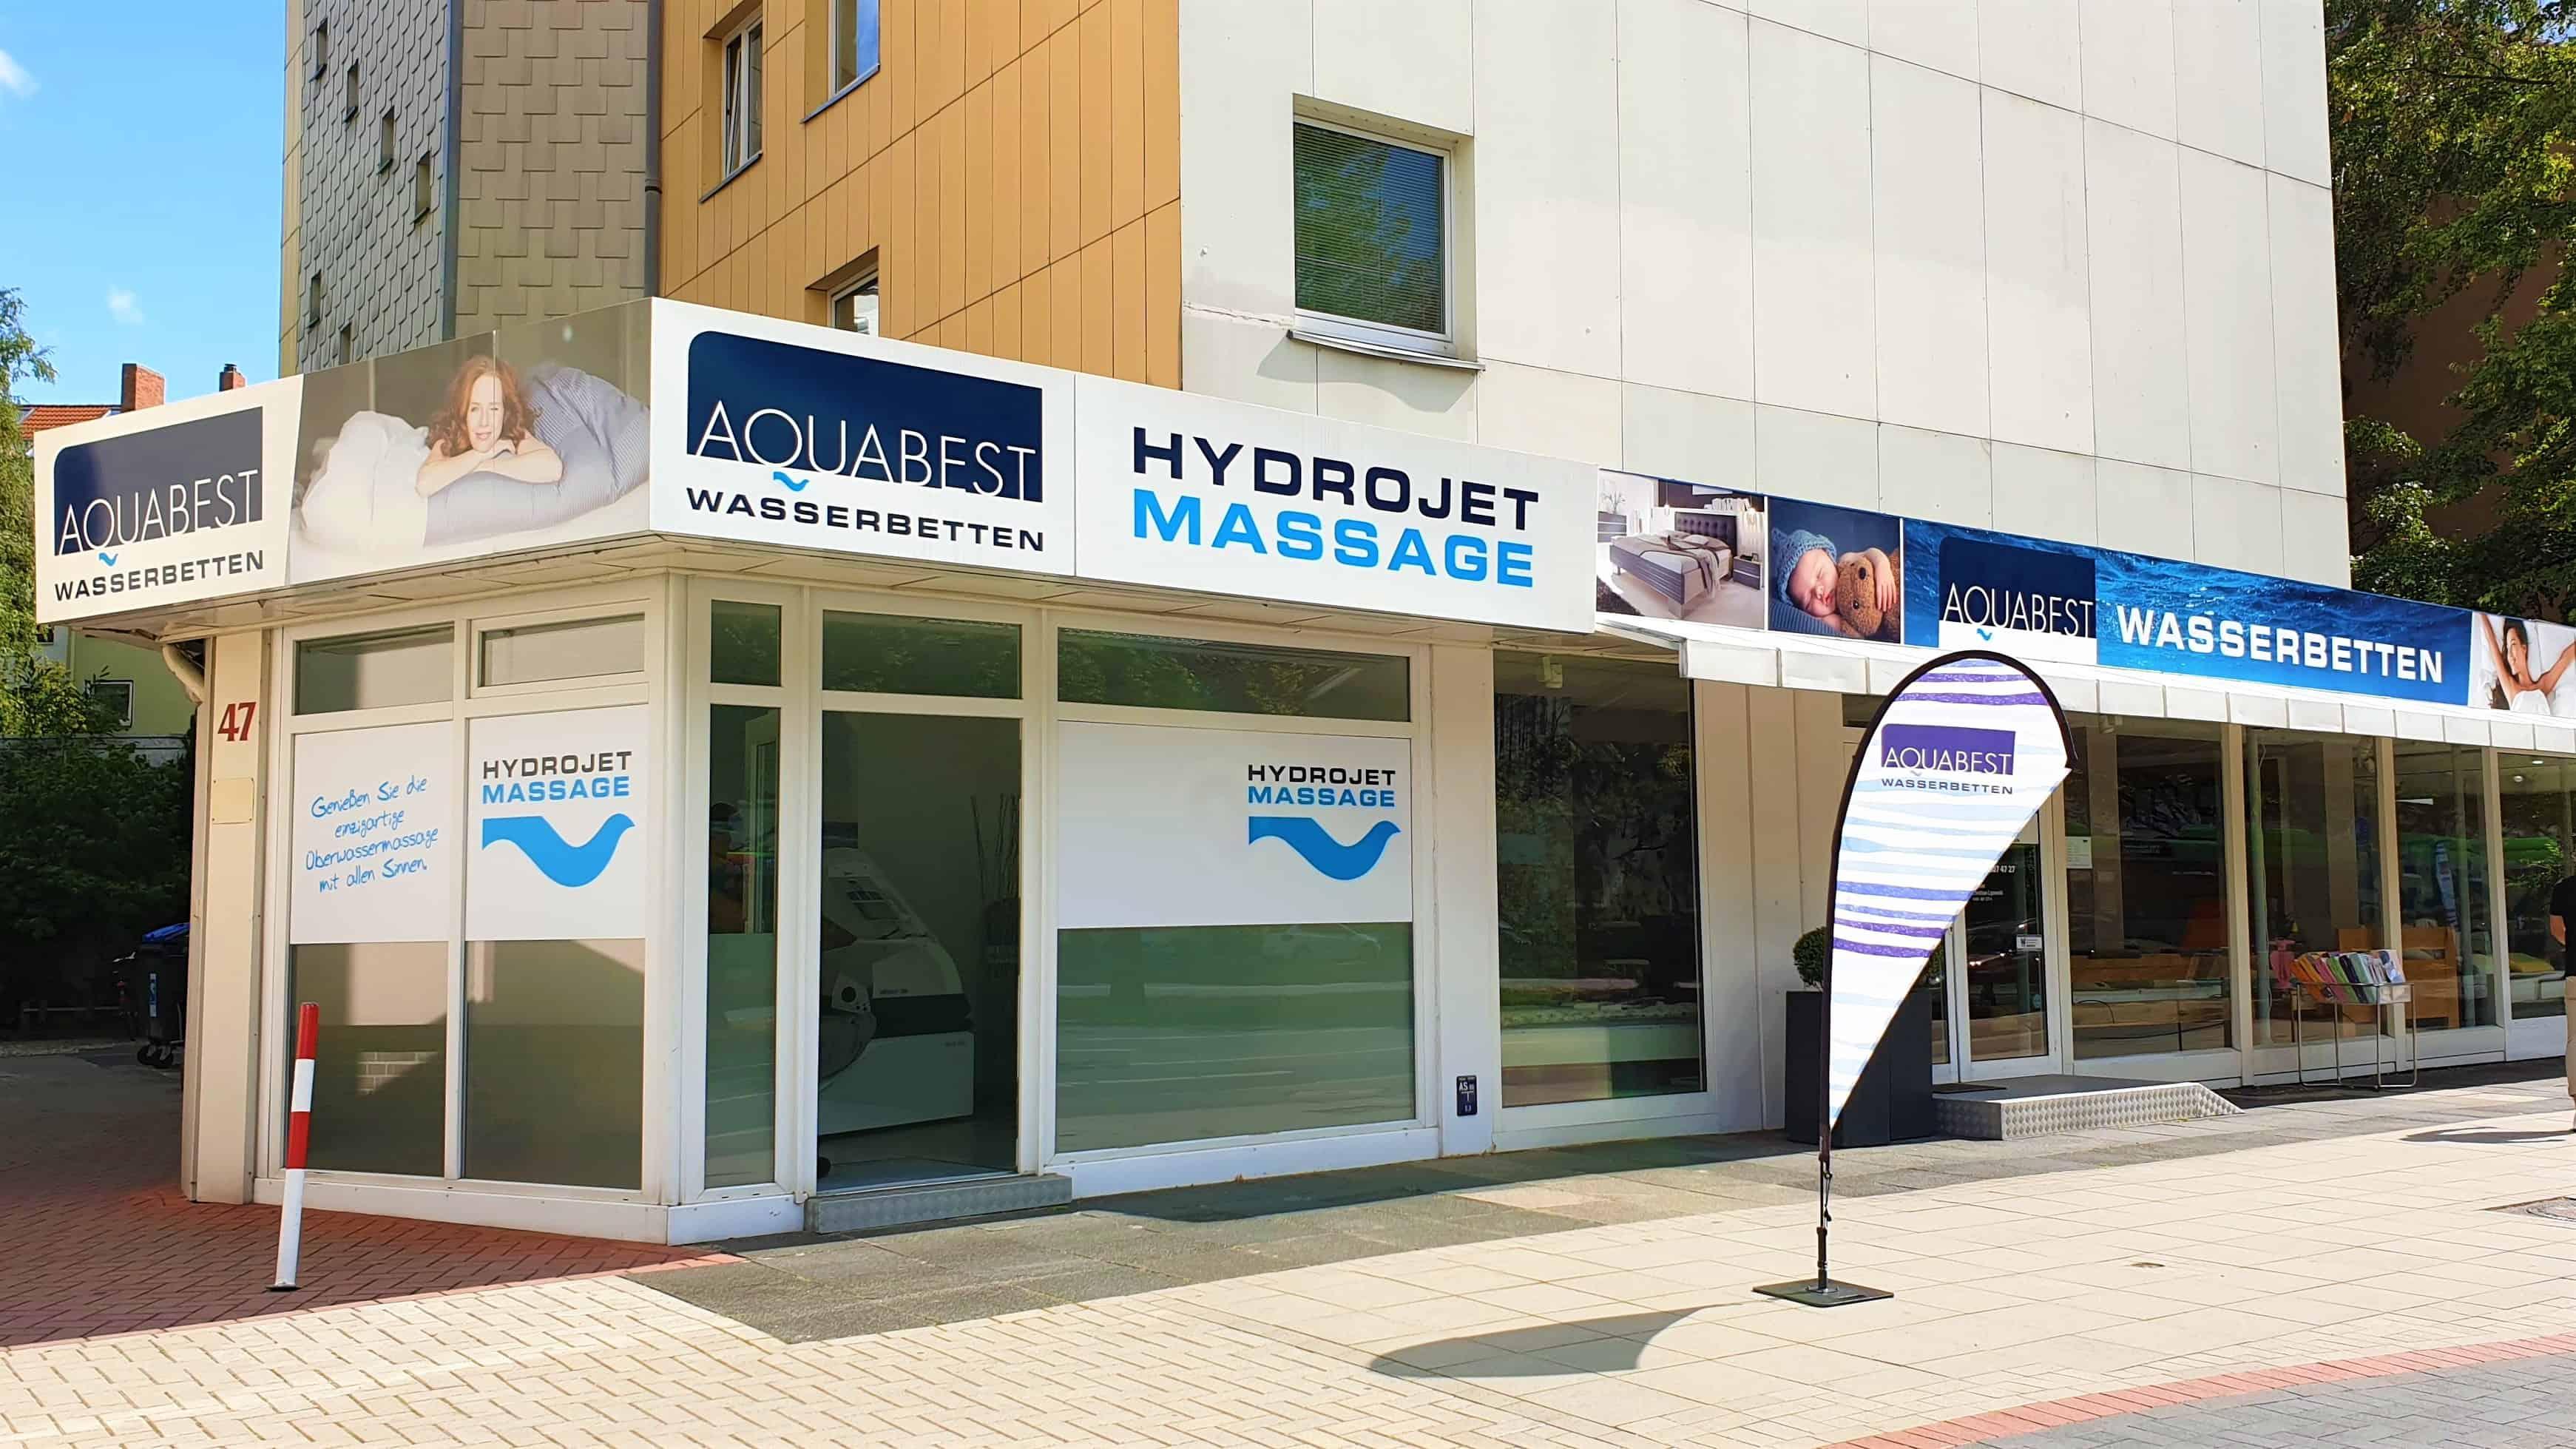 Aquabest Wasserbetten Hydrojet B - Hydrojet-Massage